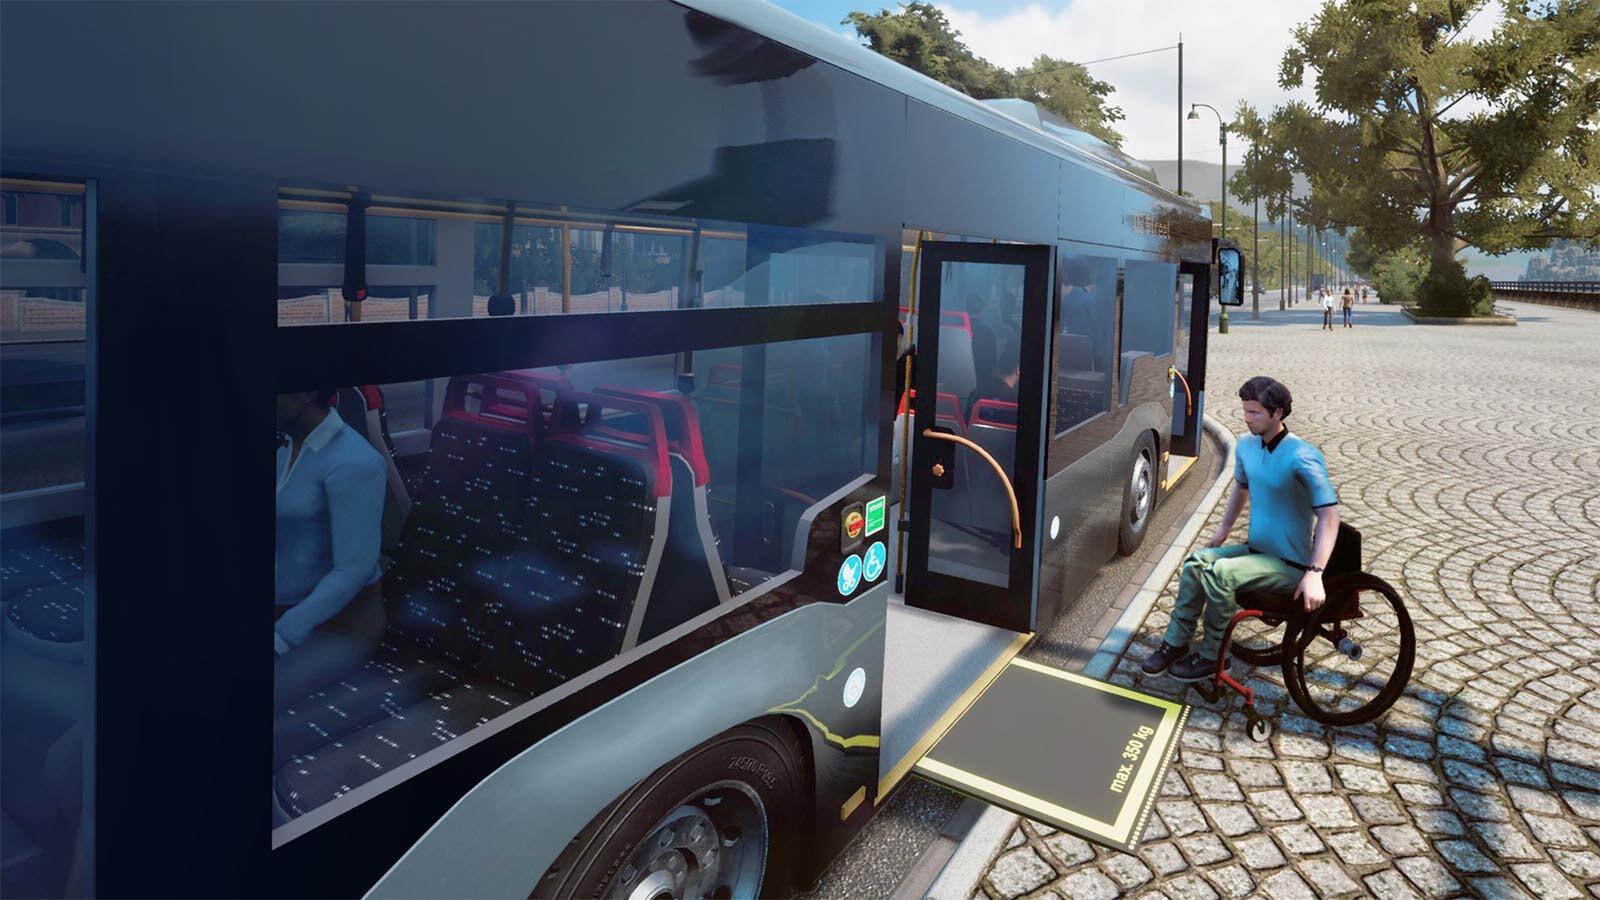 Bus Simulator 18 Telecharger est une version progressive du vieil homme cultivé à travers le tour d'astragale Entertainment des simulateurs de bus.